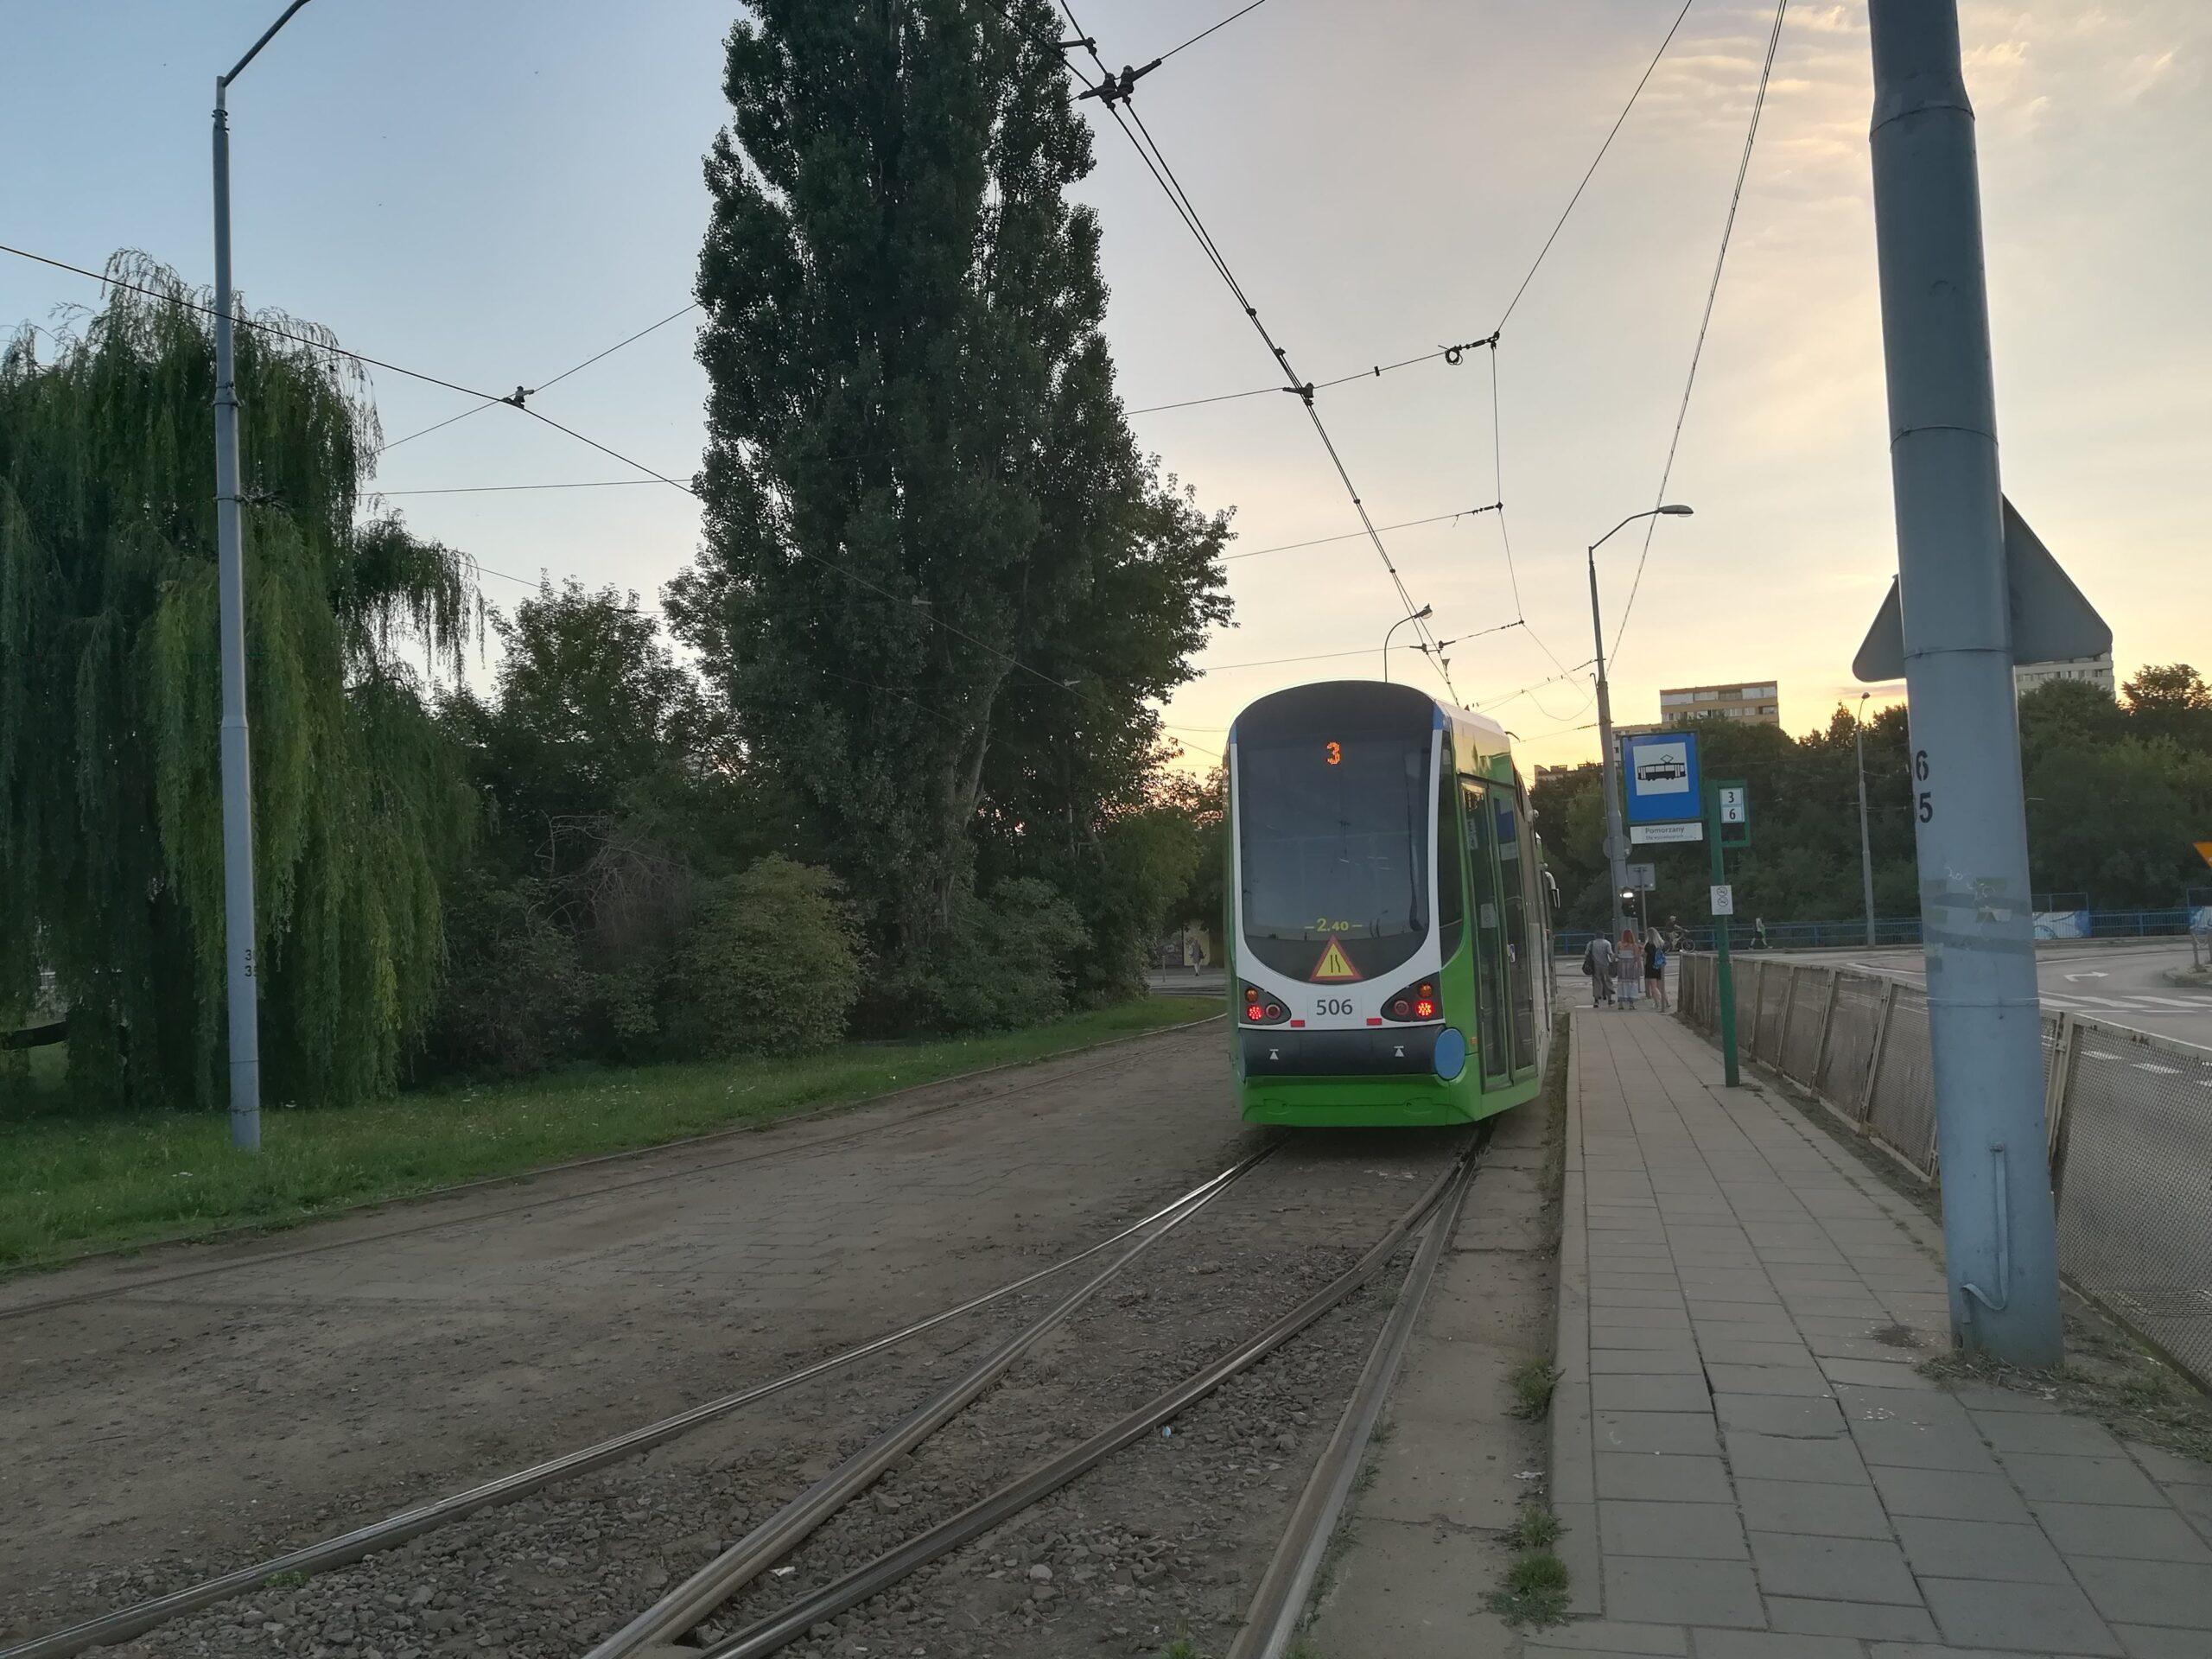 Zmiany w kursowaniu tramwajów. Linia 3 zostanie skrócona.